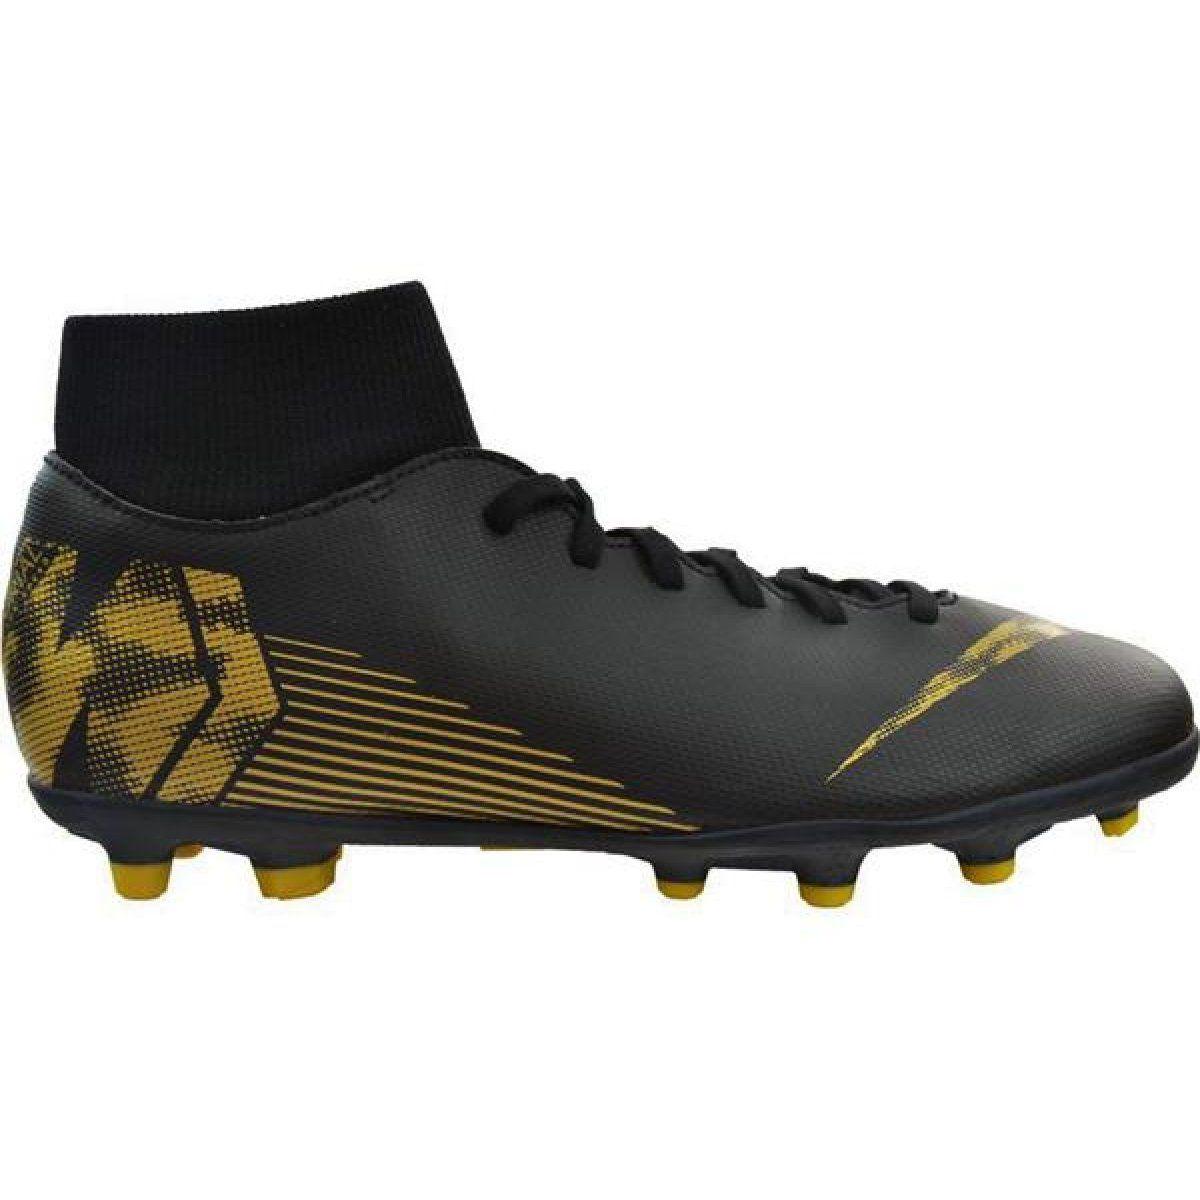 Buty Pilkarskie Nike Mercurial Superfly 6 Club Mg M Ah7363 077 Czarne Wielokolorowe Football Shoes Mens Football Boots Nike Shoes